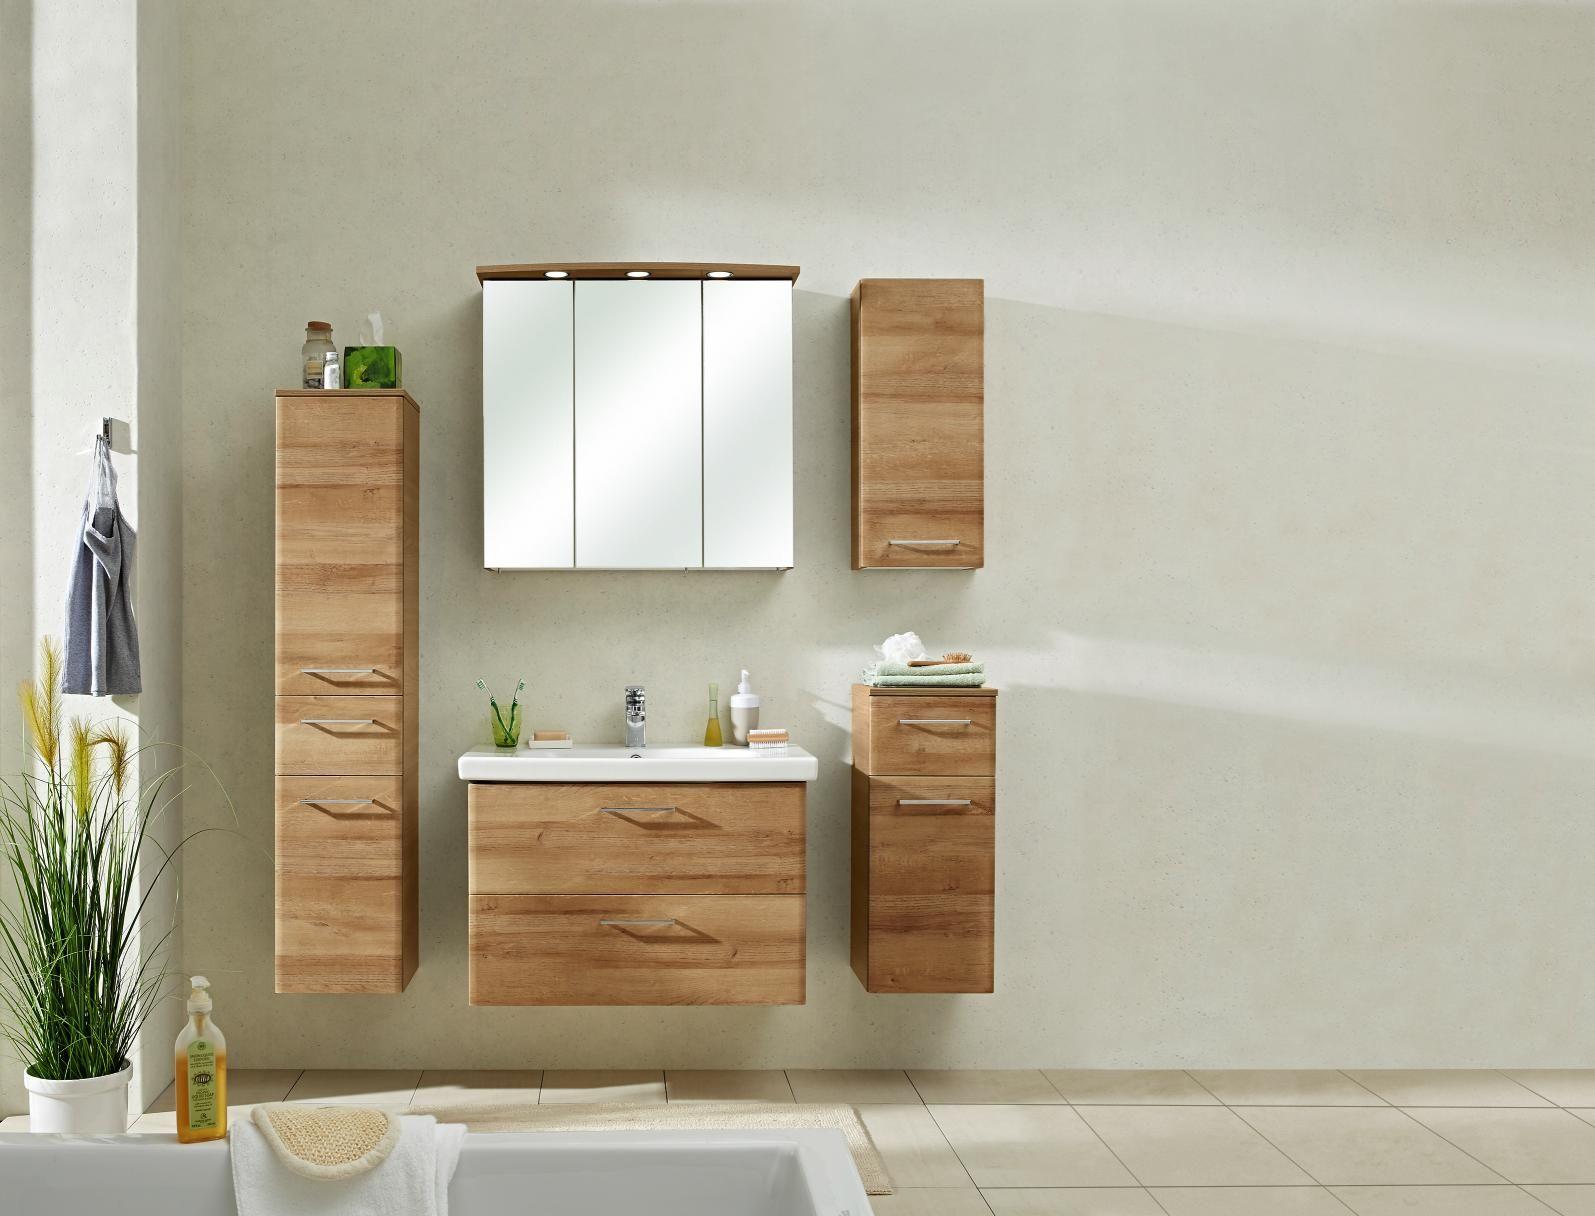 Badezimmer Abverkauf Badezimmer Lutz